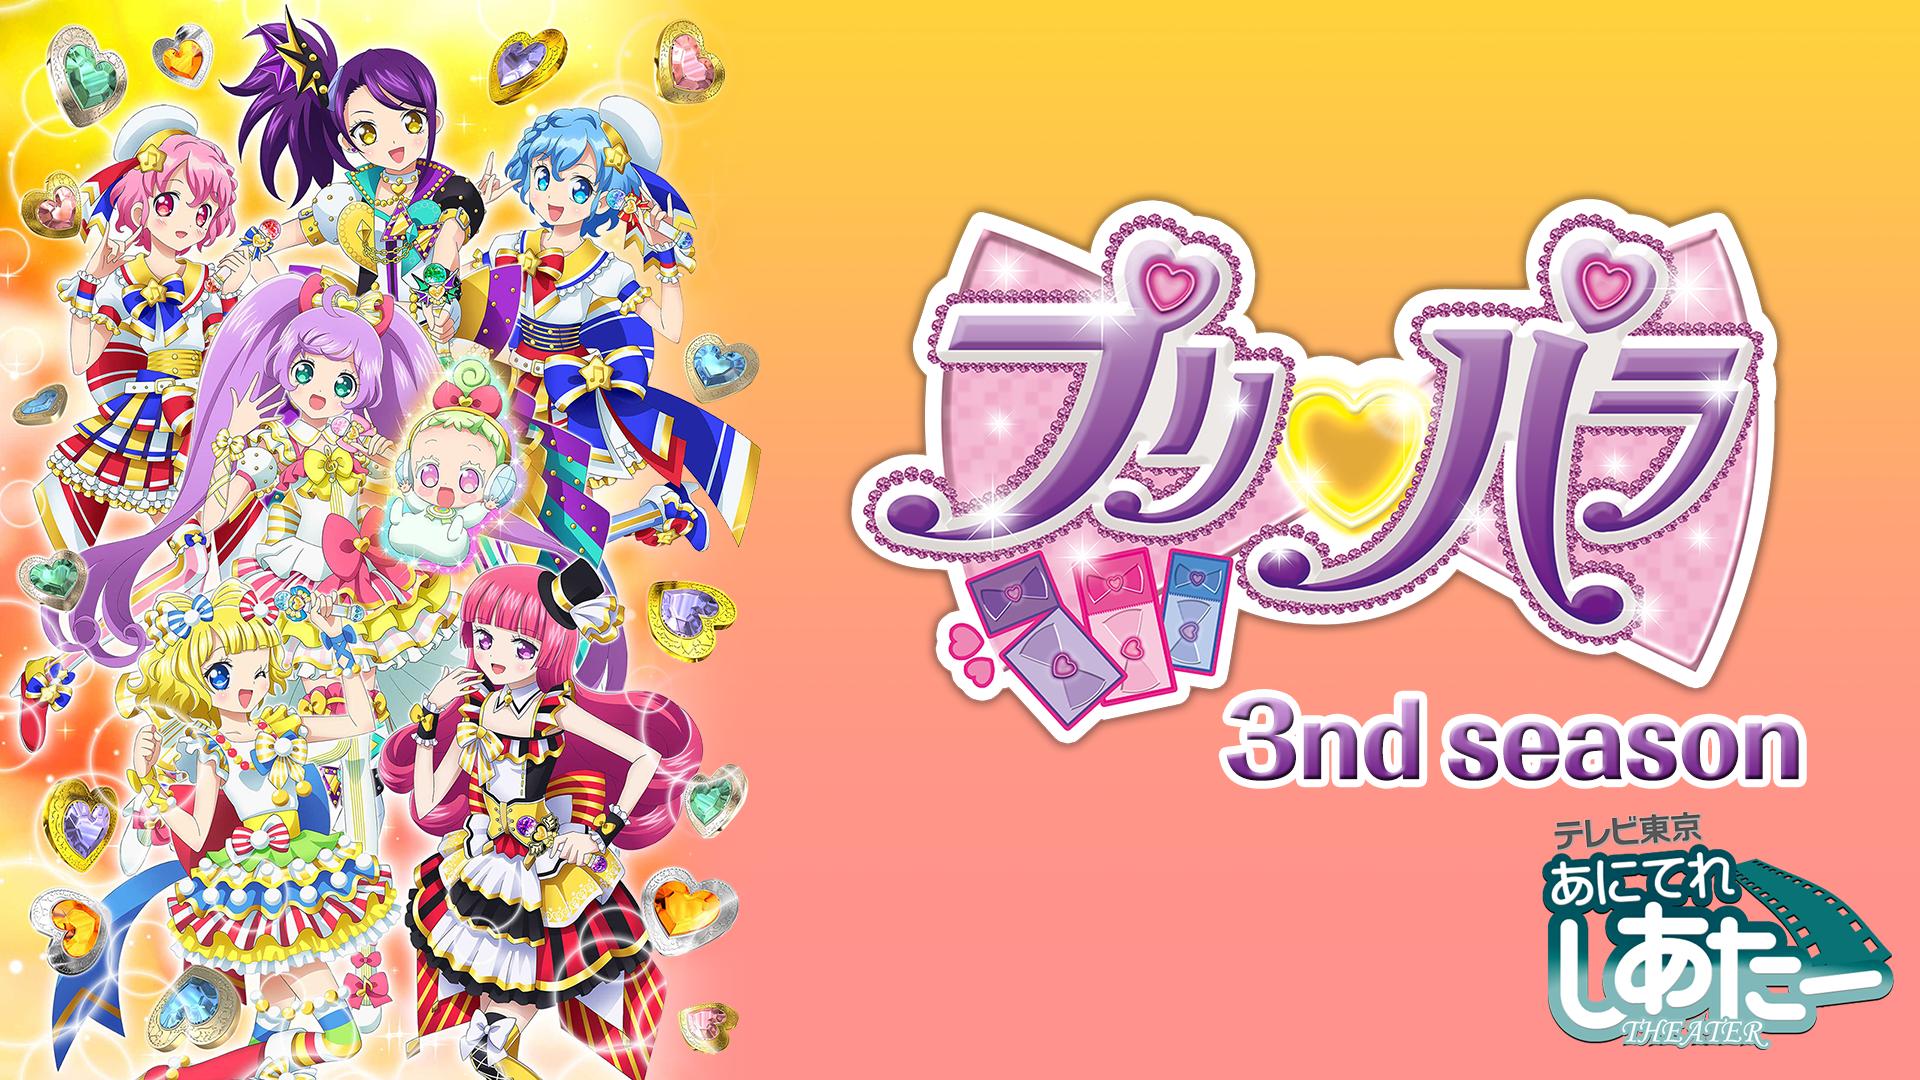 プリパラ 3nd seasonの動画 - 劇場版 プリパラ み~んなでかがやけ!キラリン☆スターライブ!ひびきのコース